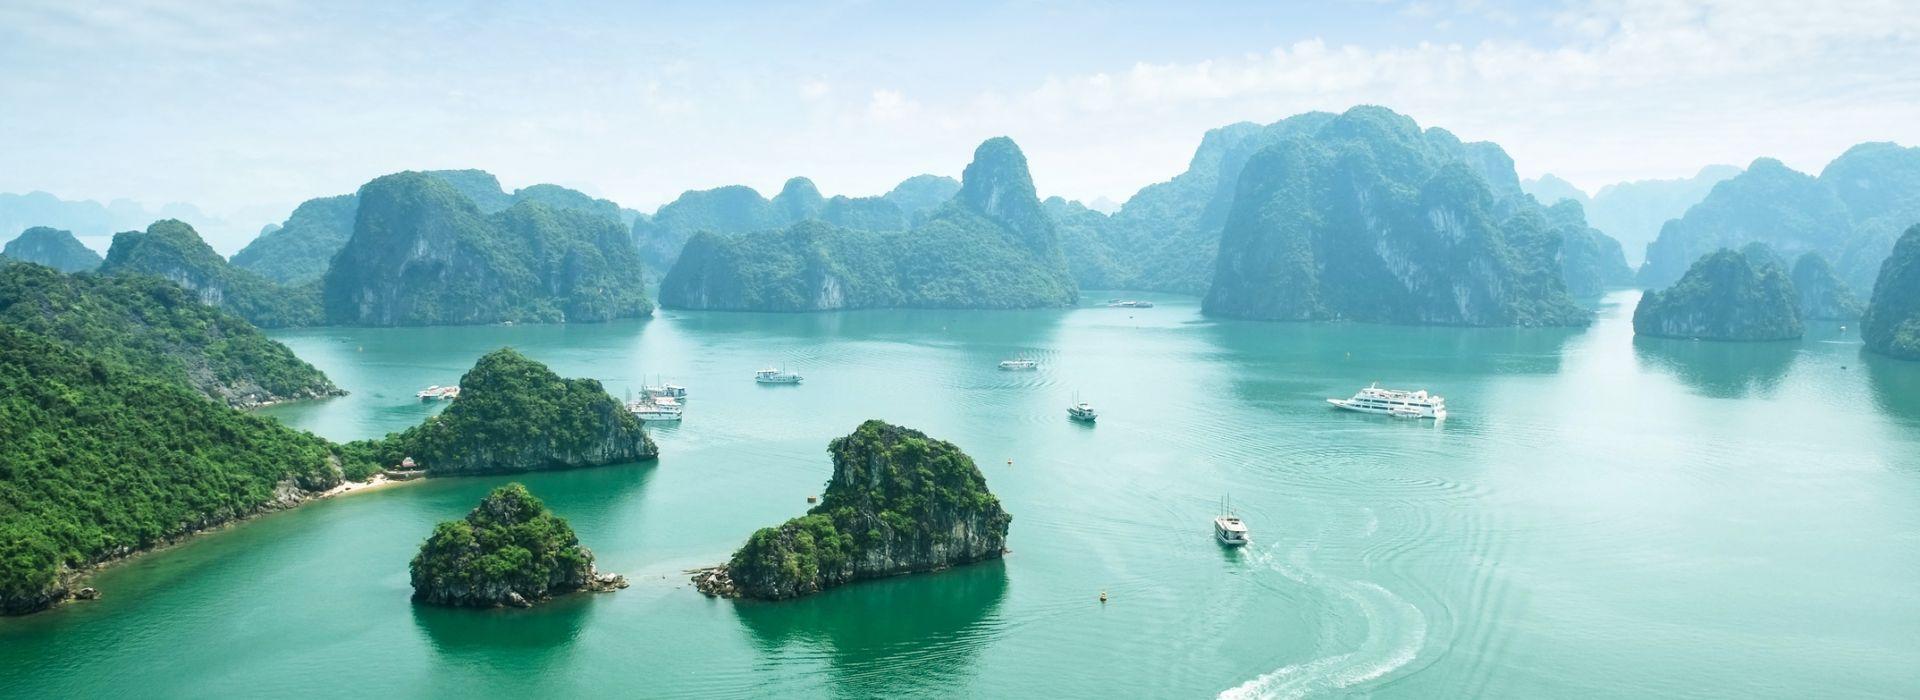 Getaways and short breaks Tours in Vietnam